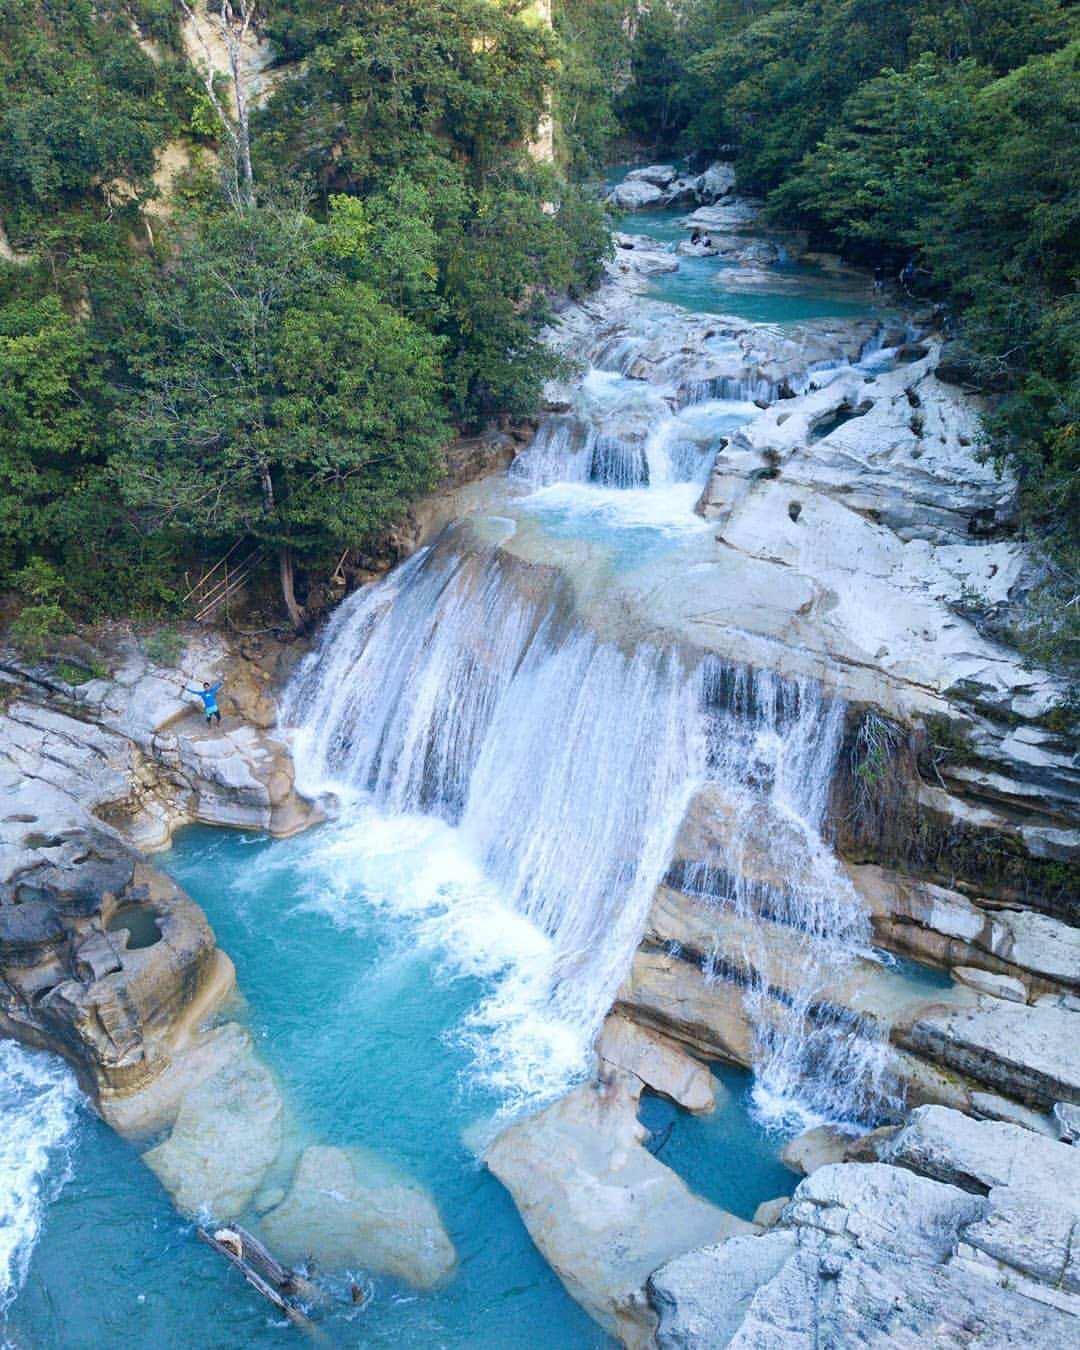 Keindahan Tanggedu Waterfall Sumba Timur Image From @hendisyahputra